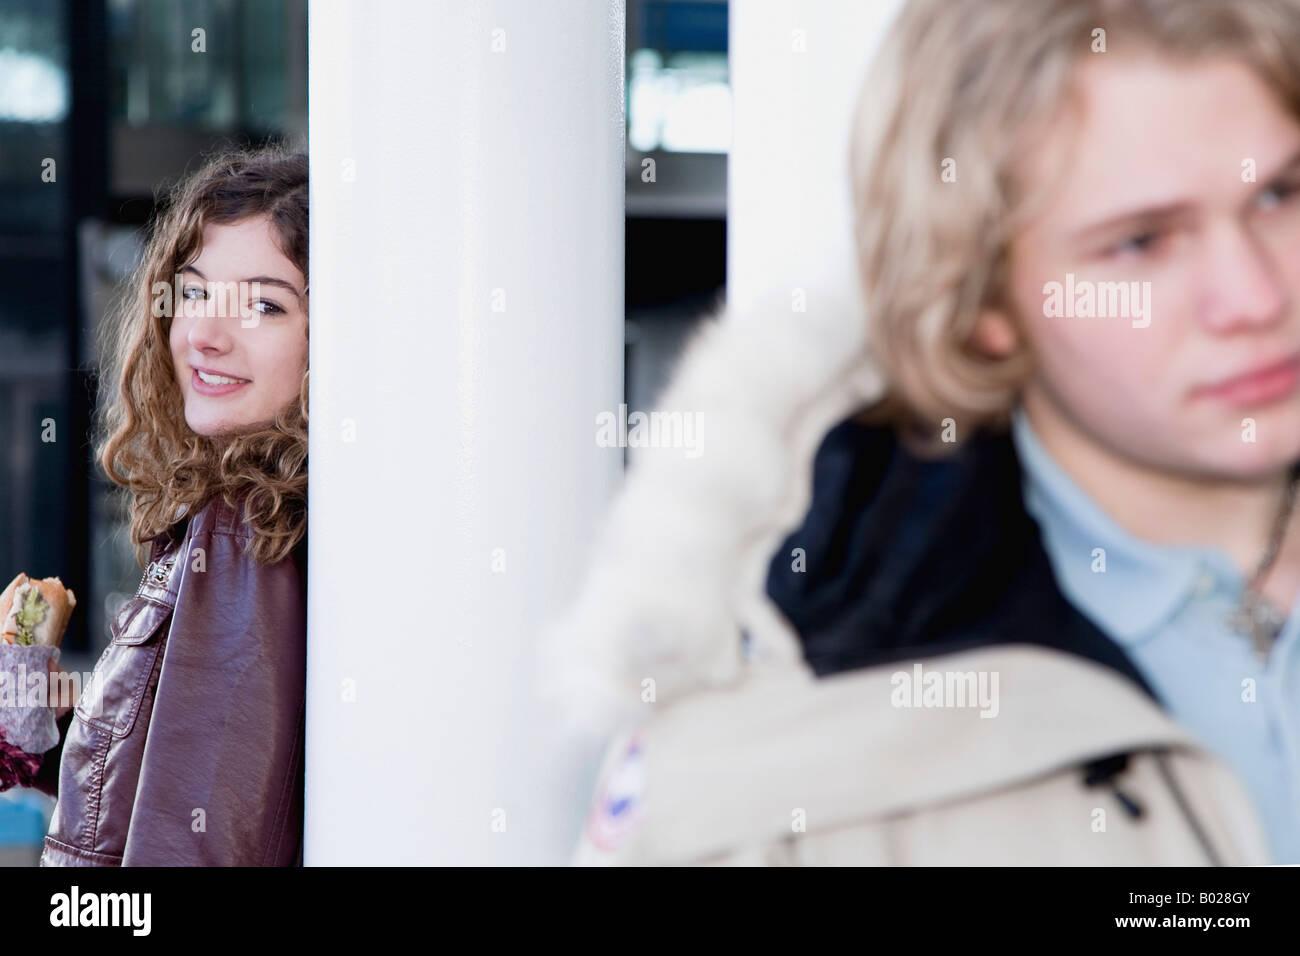 Teenager-Mädchen beobachten junge Säule gelehnt Stockbild